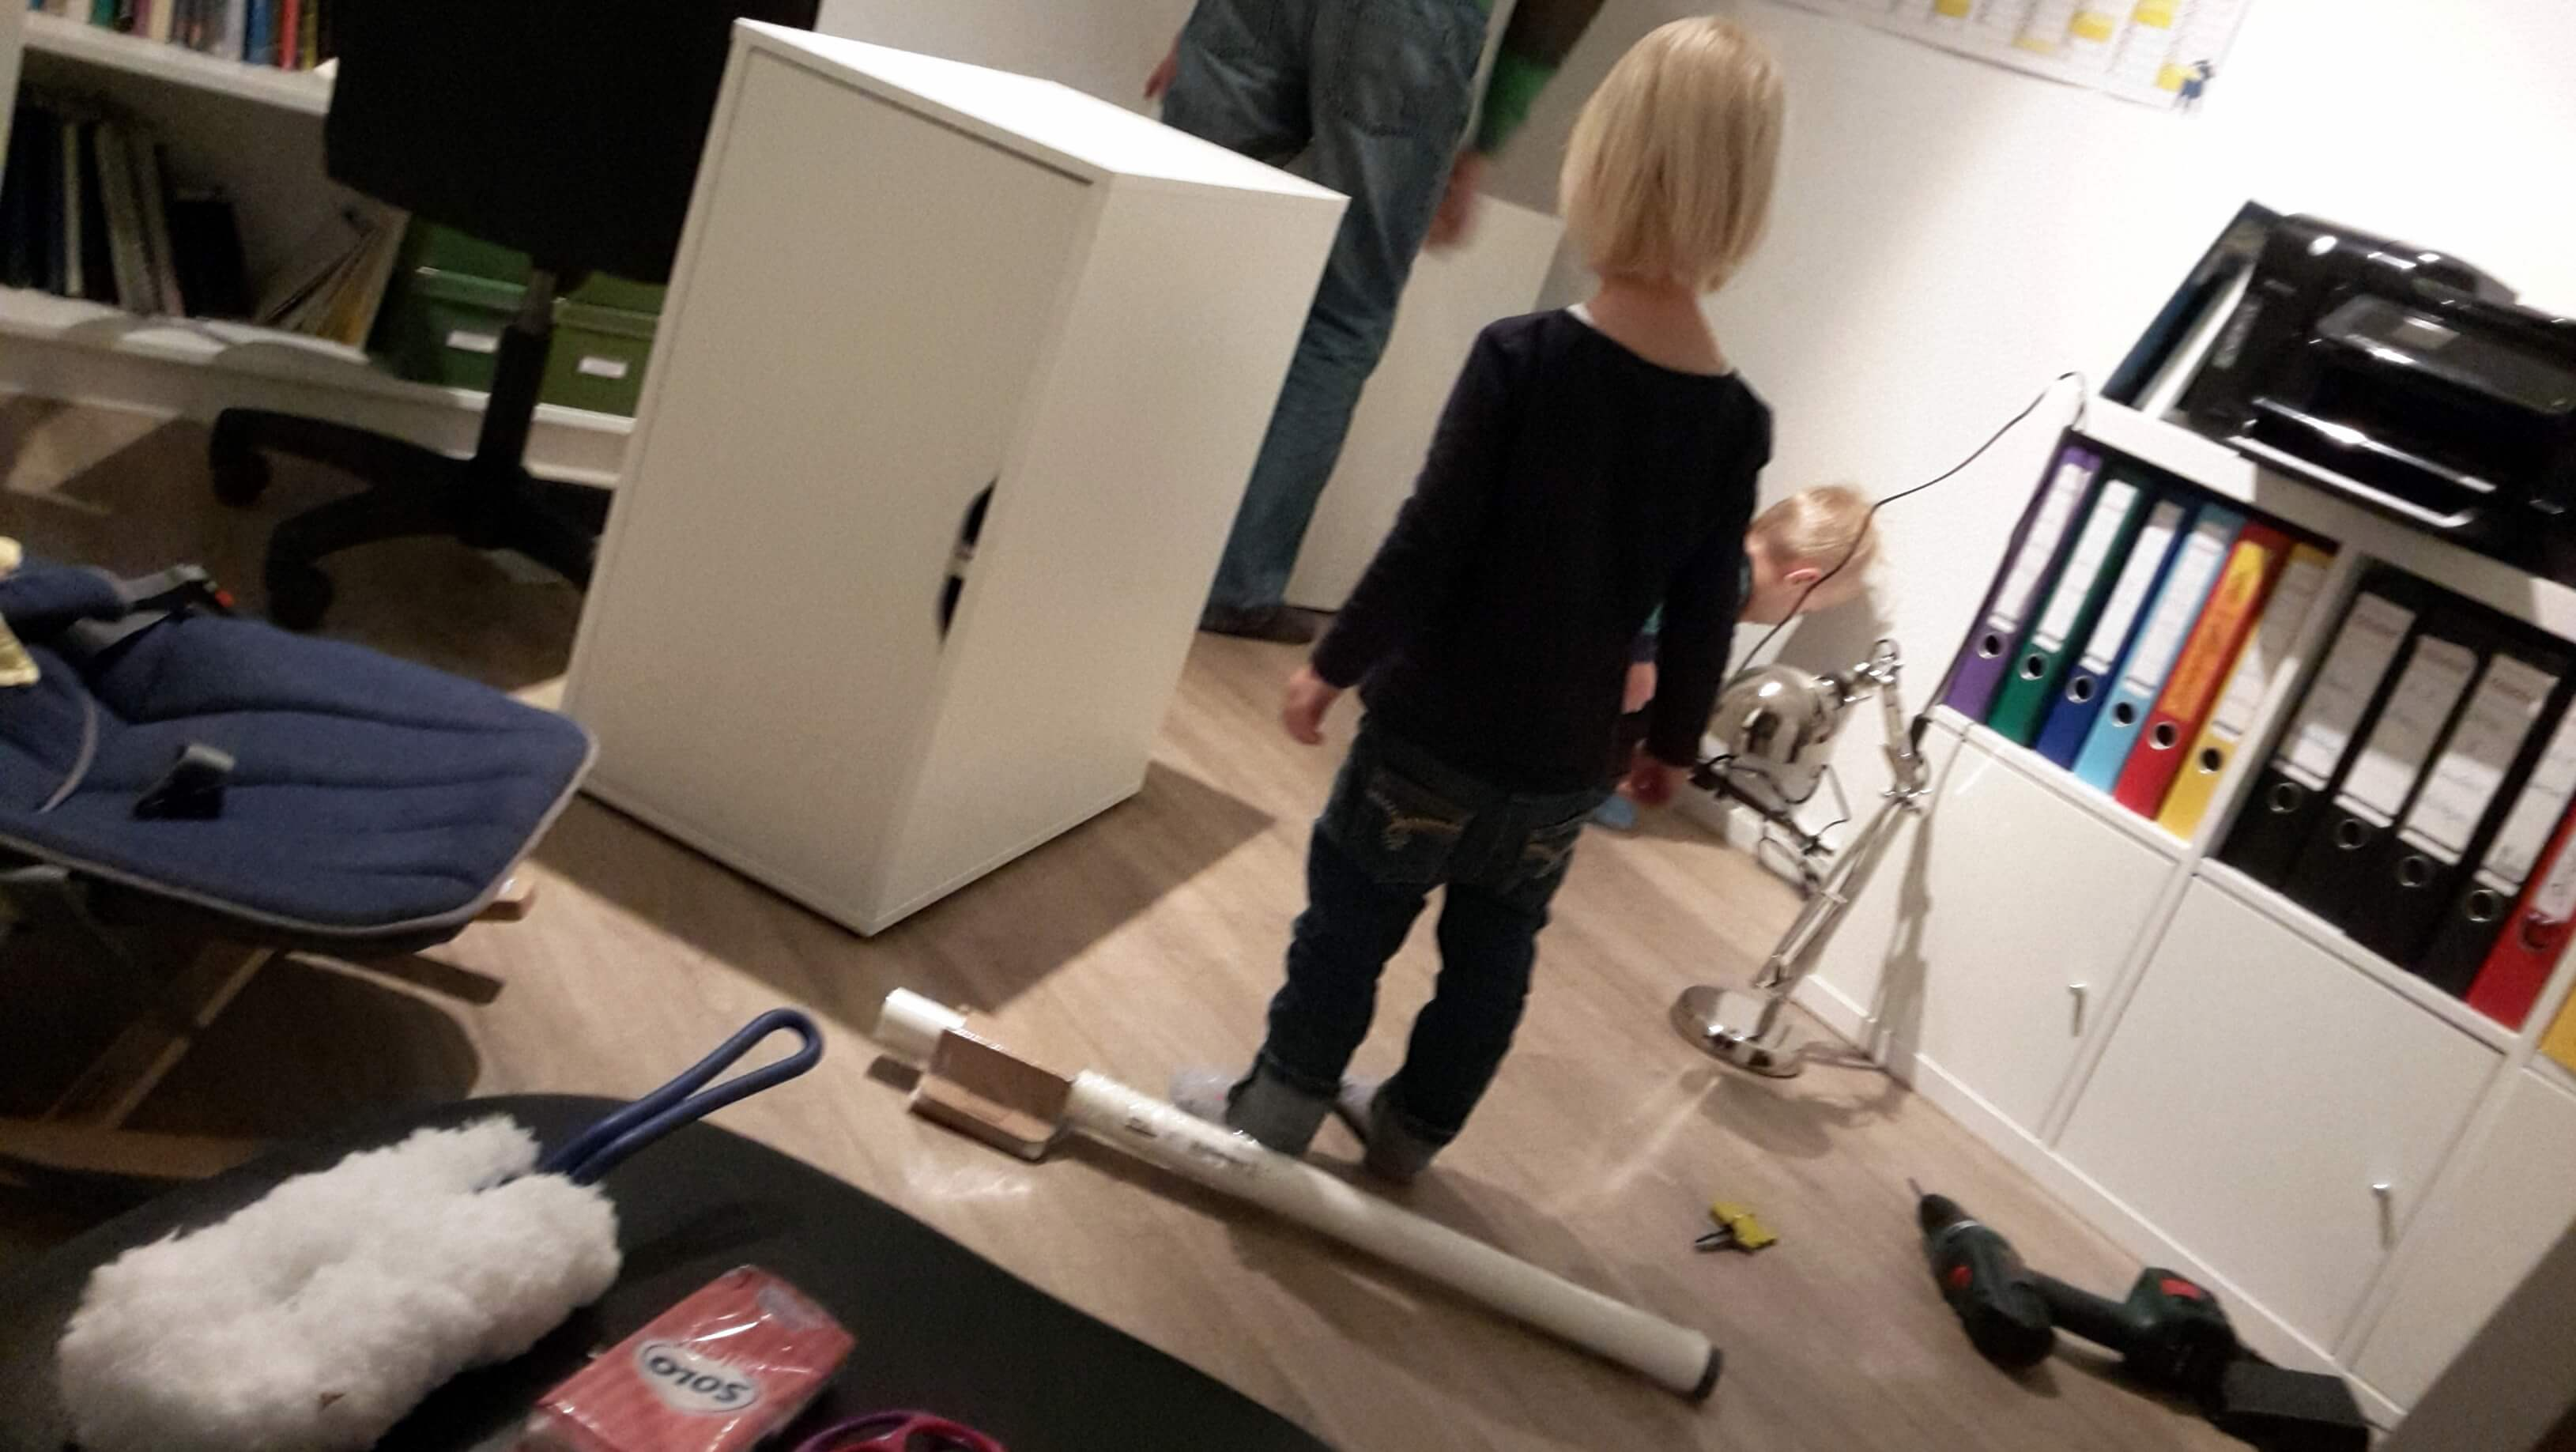 Möbel aufbauen